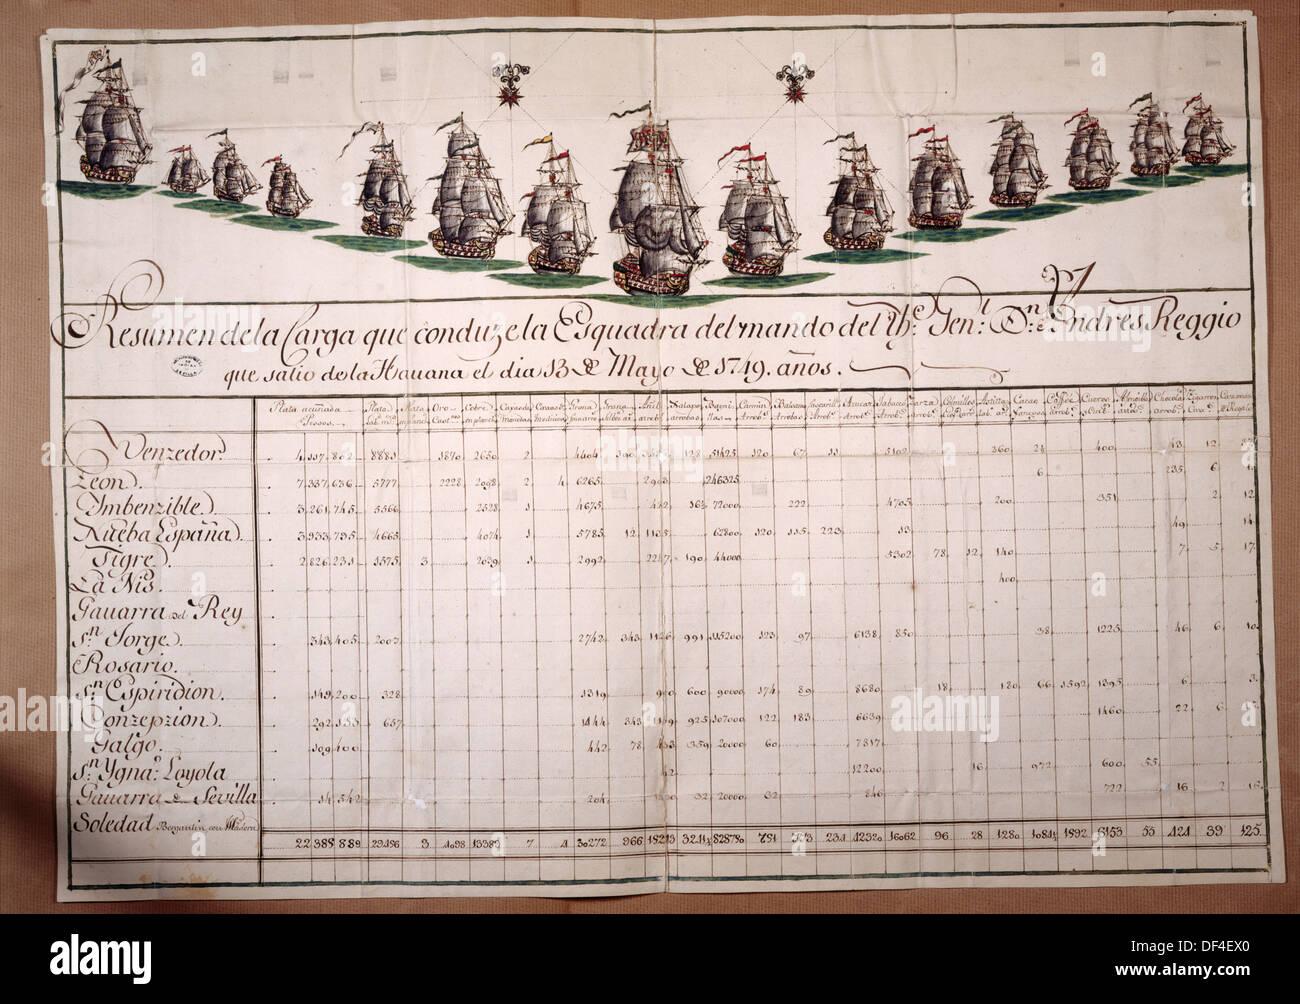 Resumen de los elementos transportados por el General Andrés Reggio el escuadrón, saliendo desde La Habana el 13 de mayo de 1749. Imagen De Stock